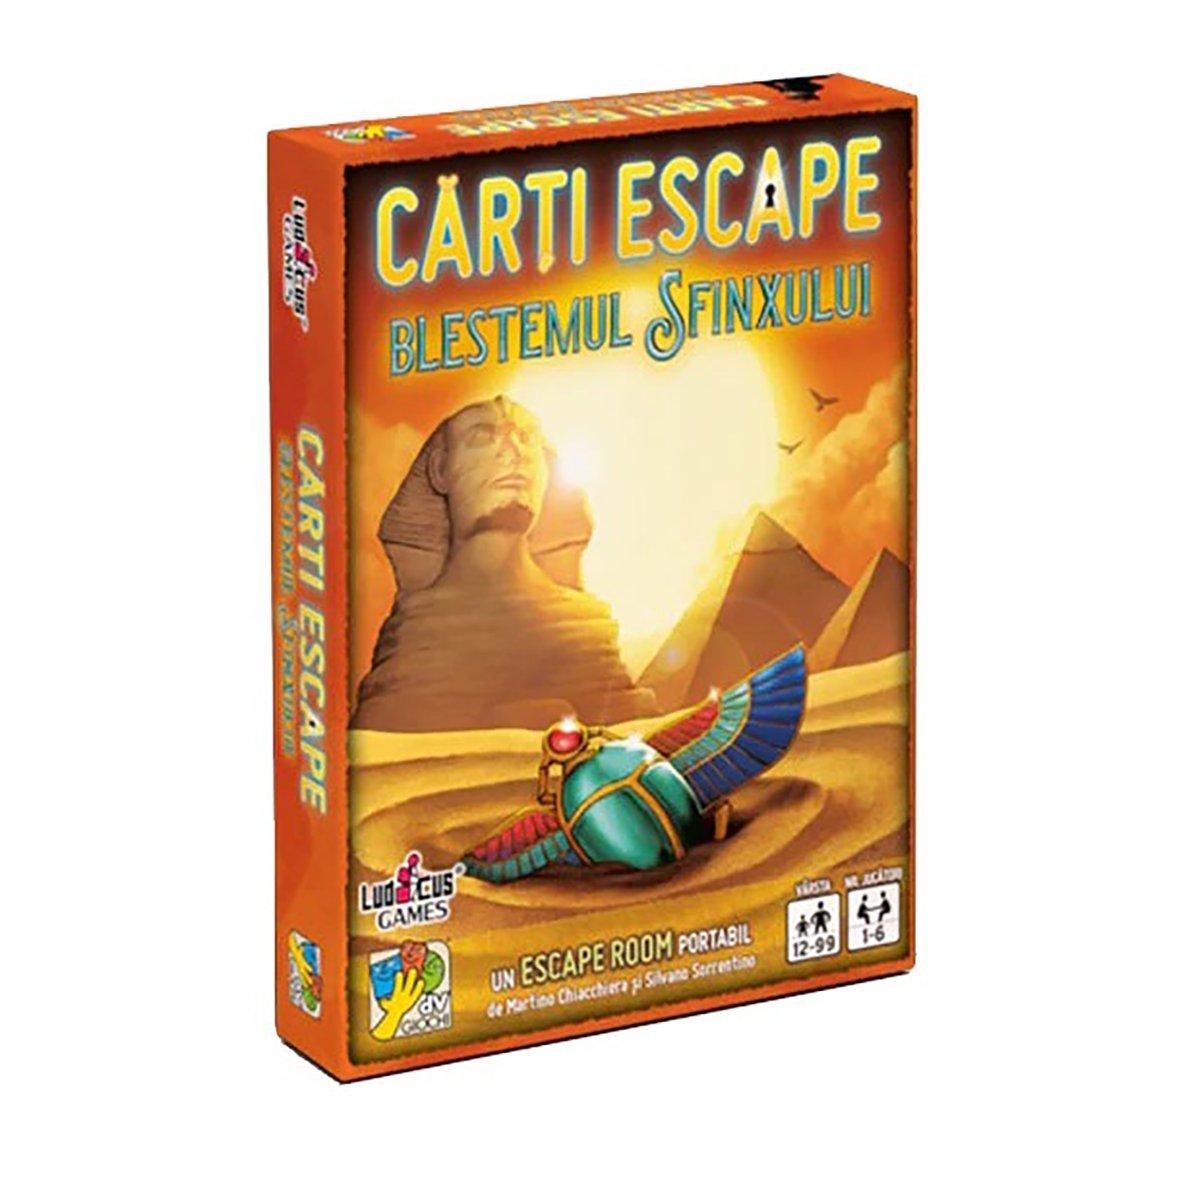 Joc de societate dv Giochi, Carti Escape Ed. II, Blestemul Sfinxului